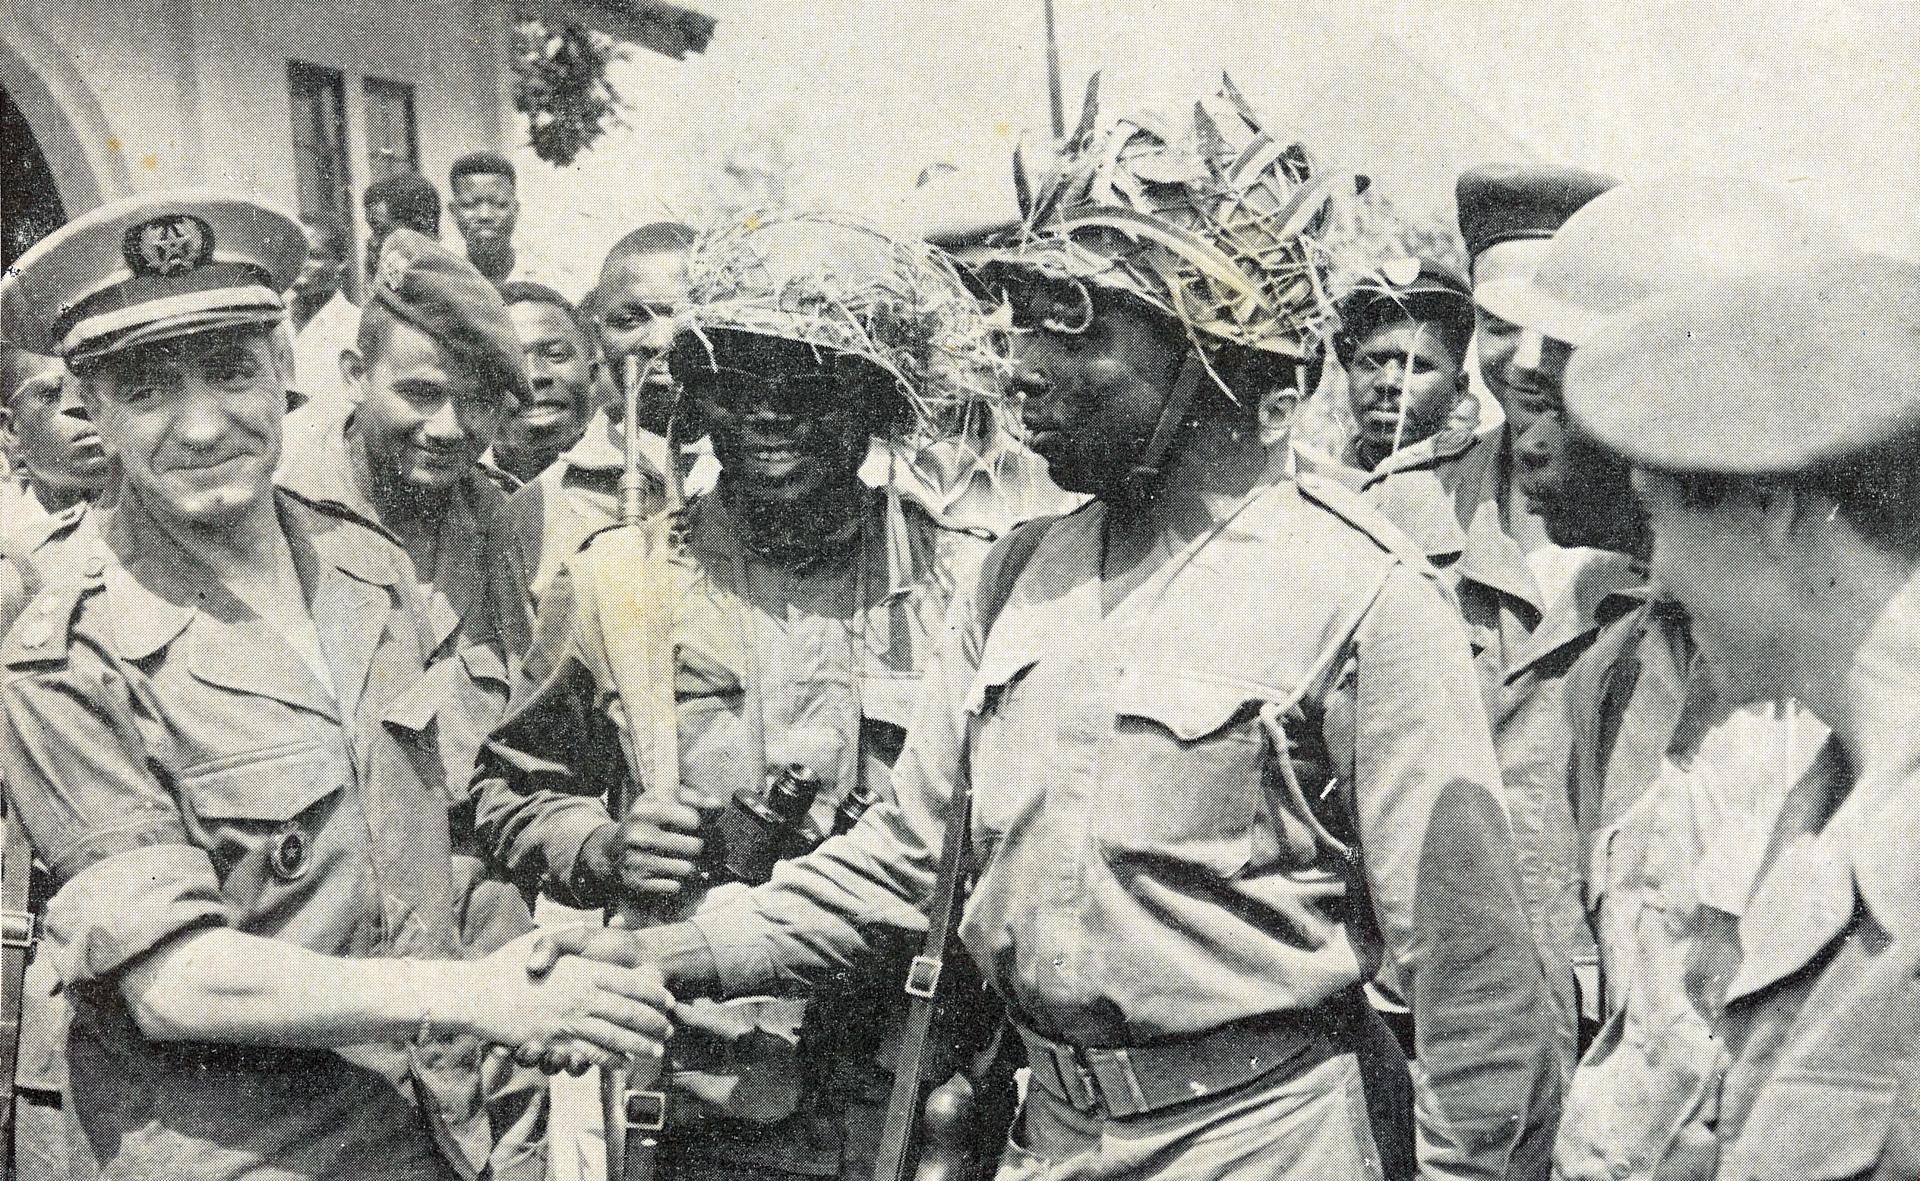 Les Forces Armées Royales au Congo - ONUC - 1960/61 32346632425_43700d799b_o